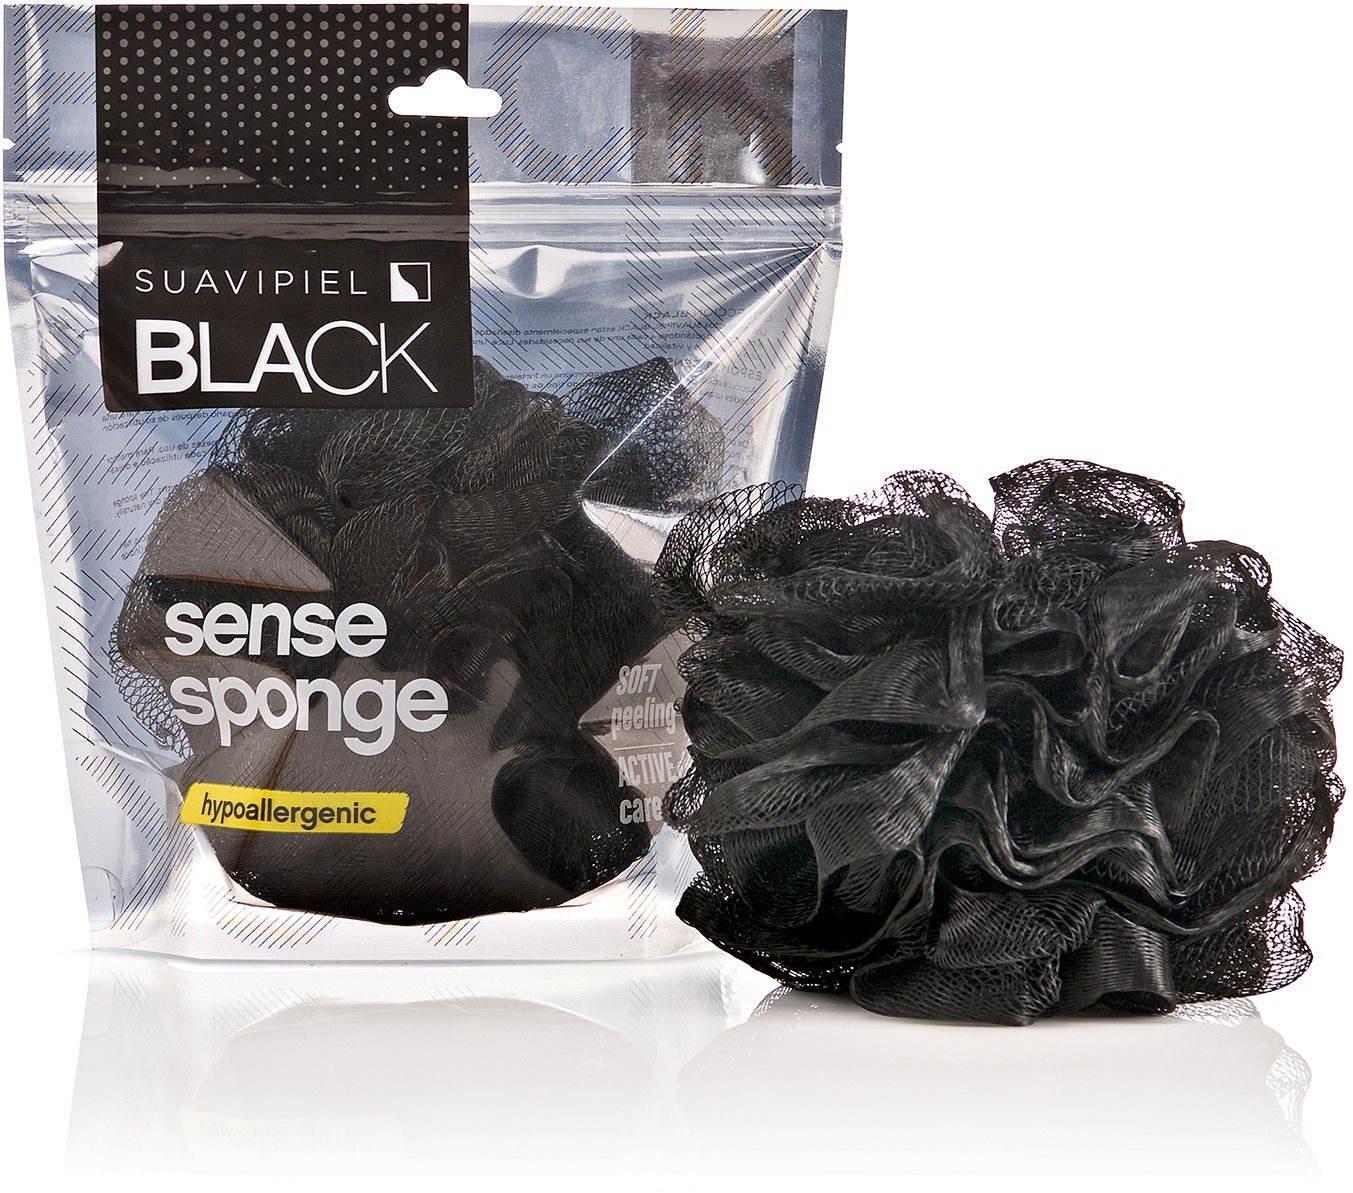 SUAVIPIEL Black Sense Sponge